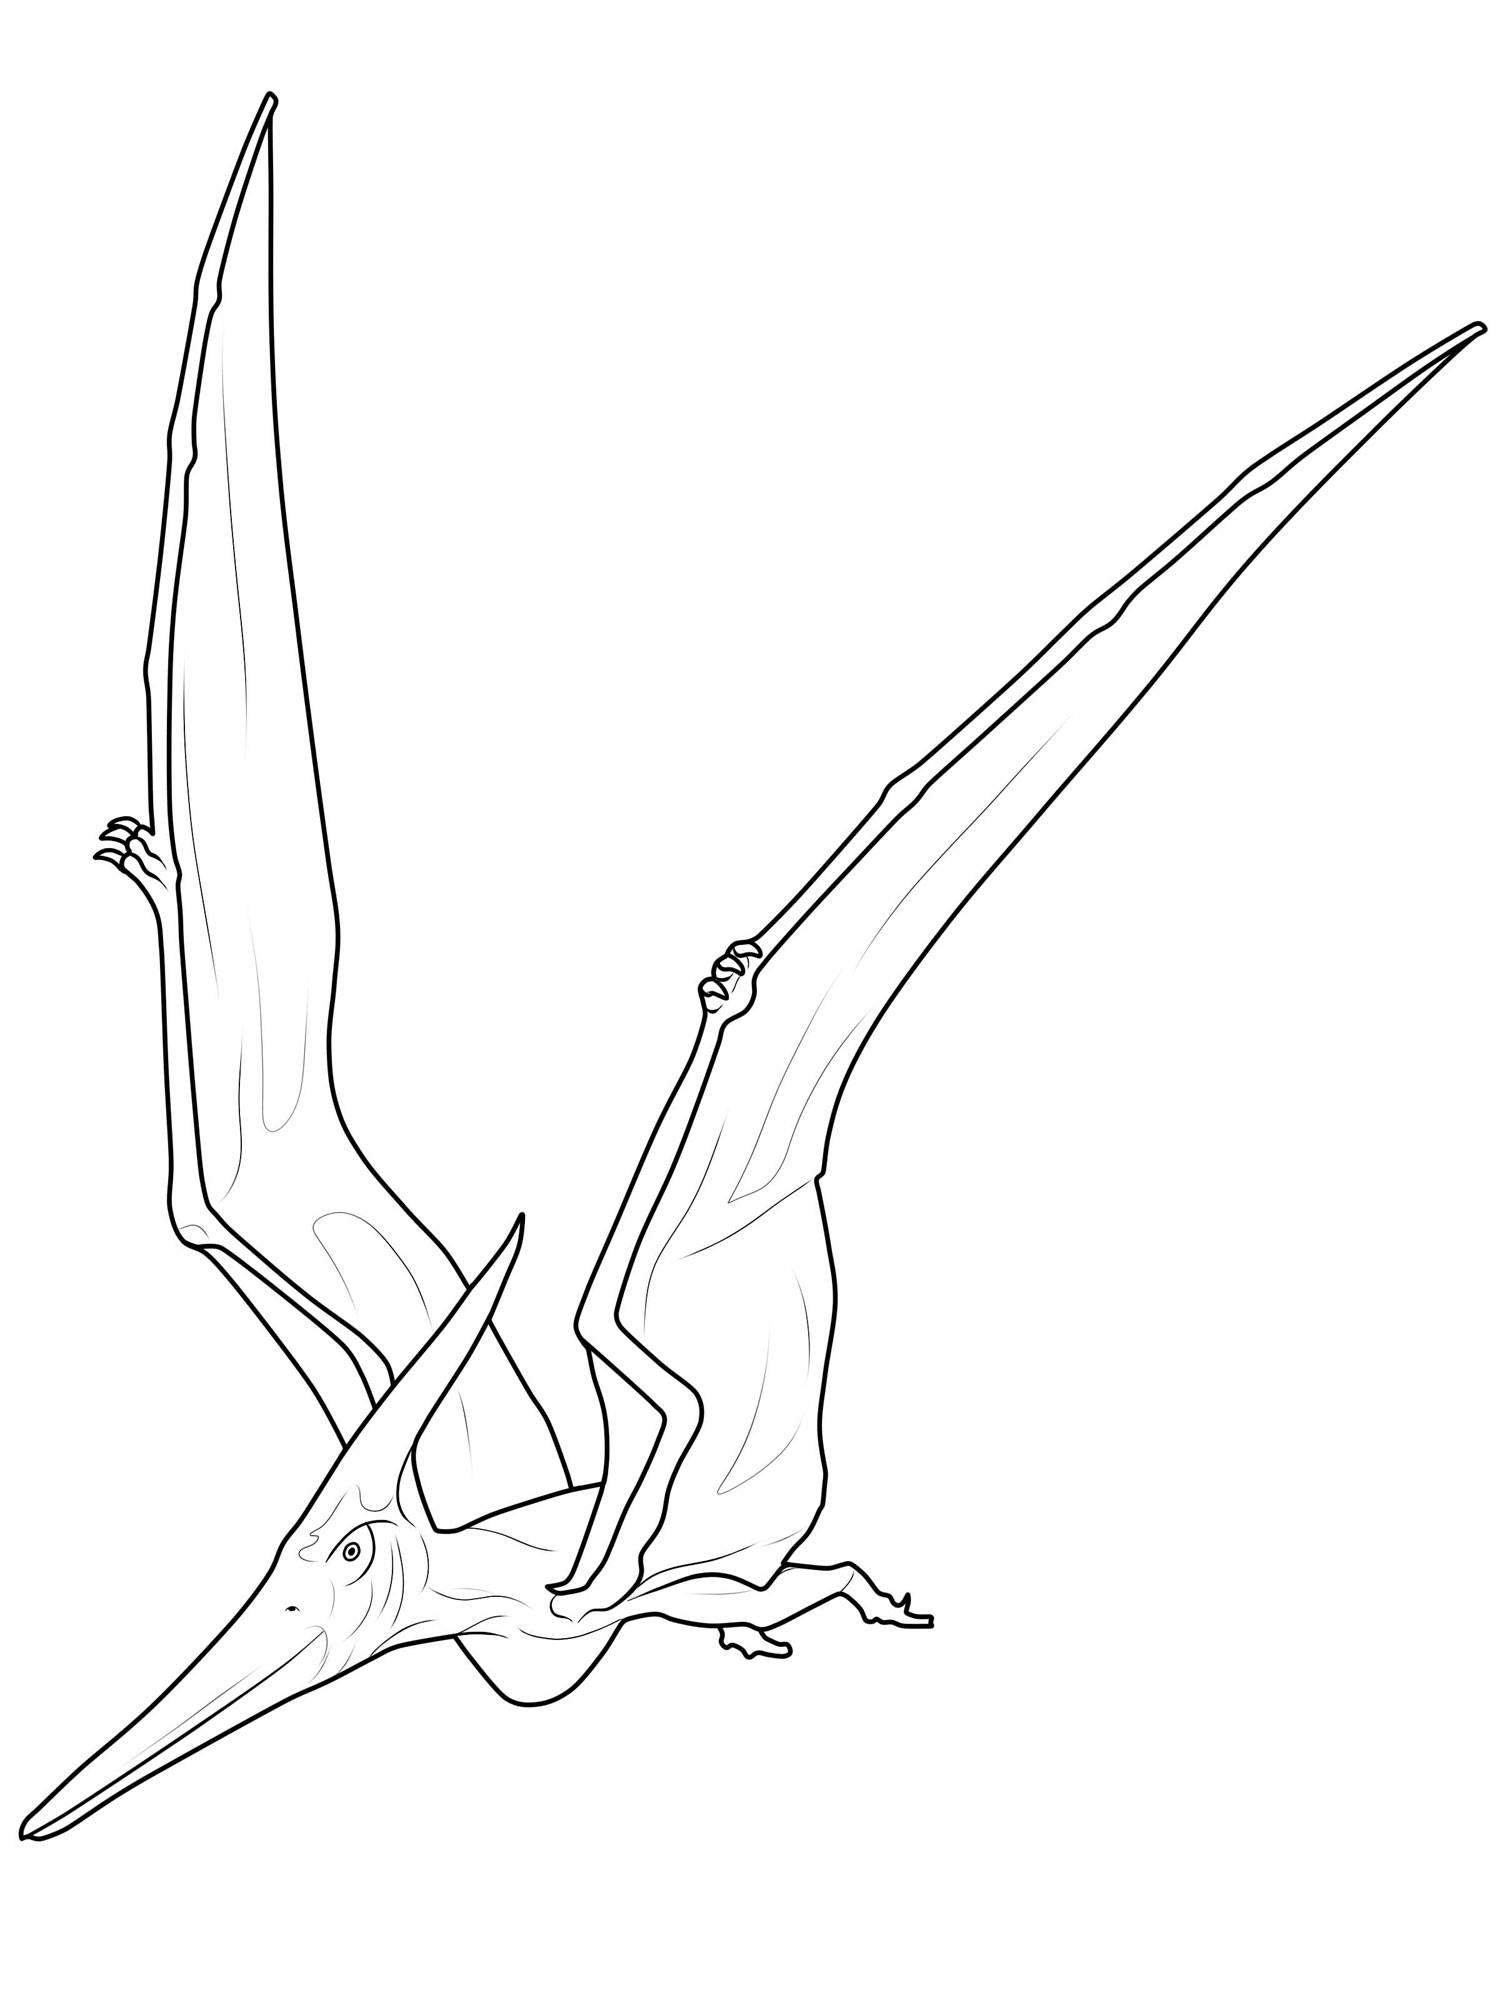 Ausmalbilder Dinosaurier Kostenlos Ausdrucken : Ausmalbild Dinosaurier Und Steinzeit Dinosaurier Pterodactyl